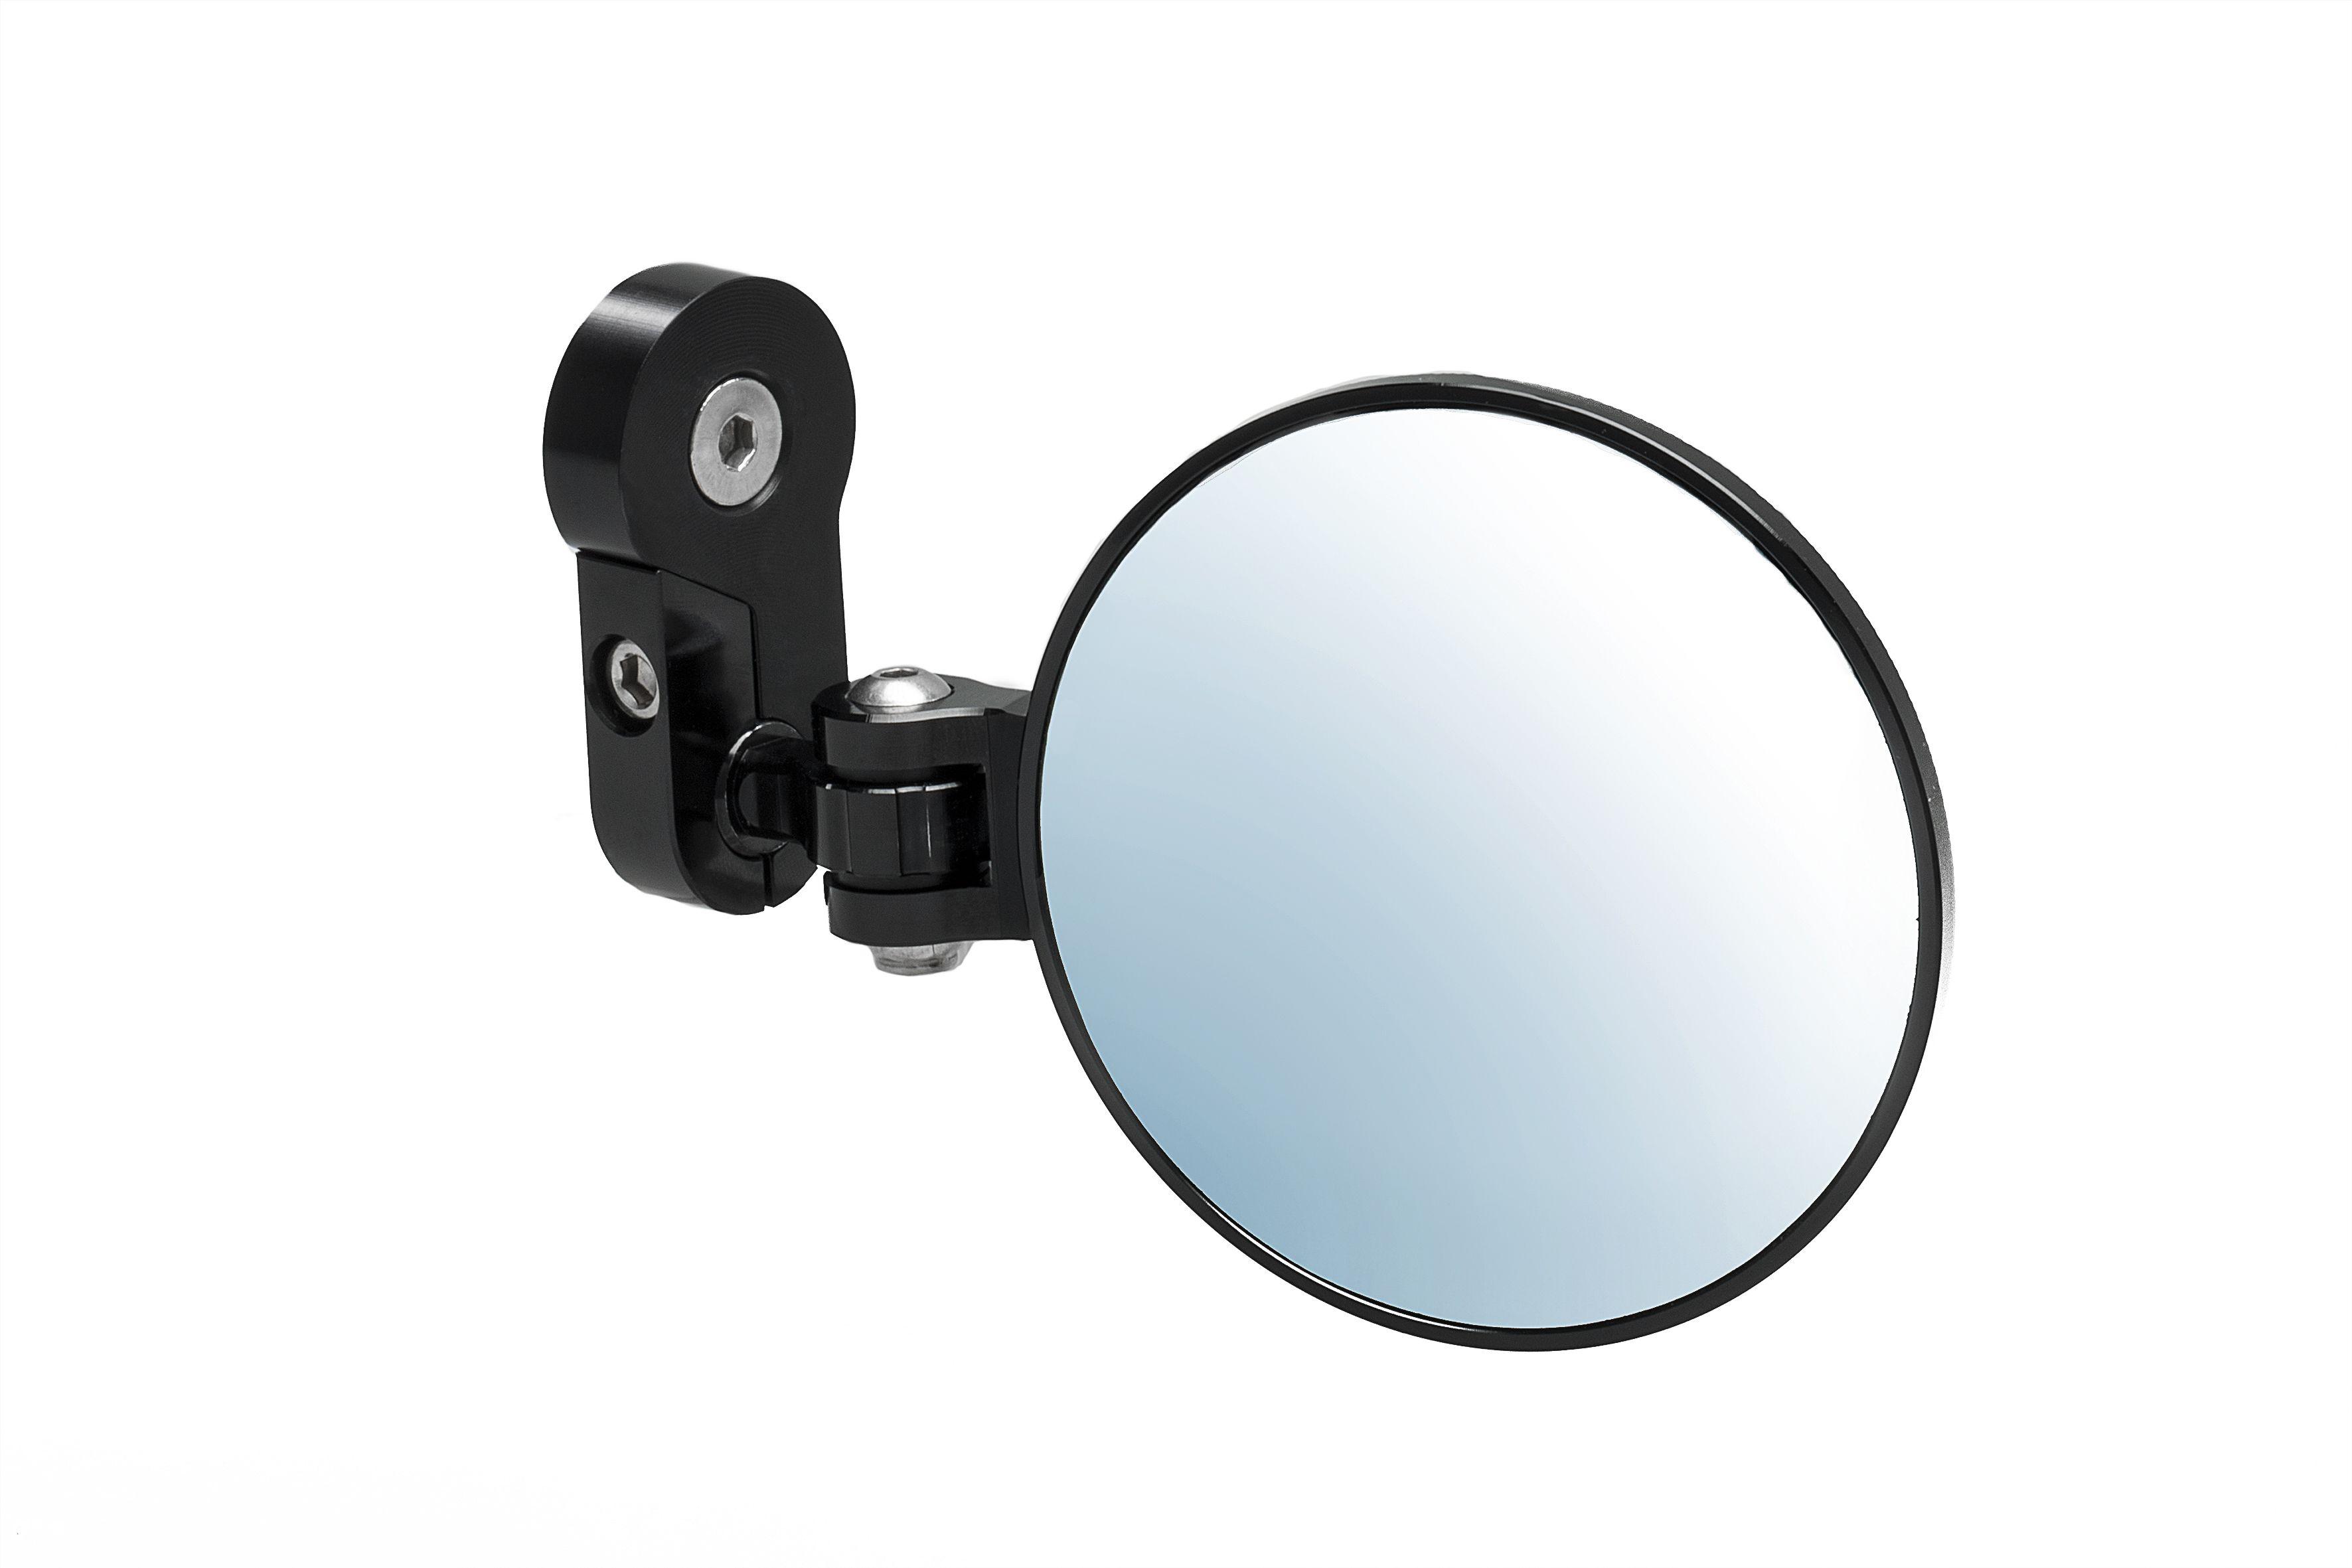 Bar End Spiegels : Set bar end spiegels nieuw aluminiumkleur of zwart